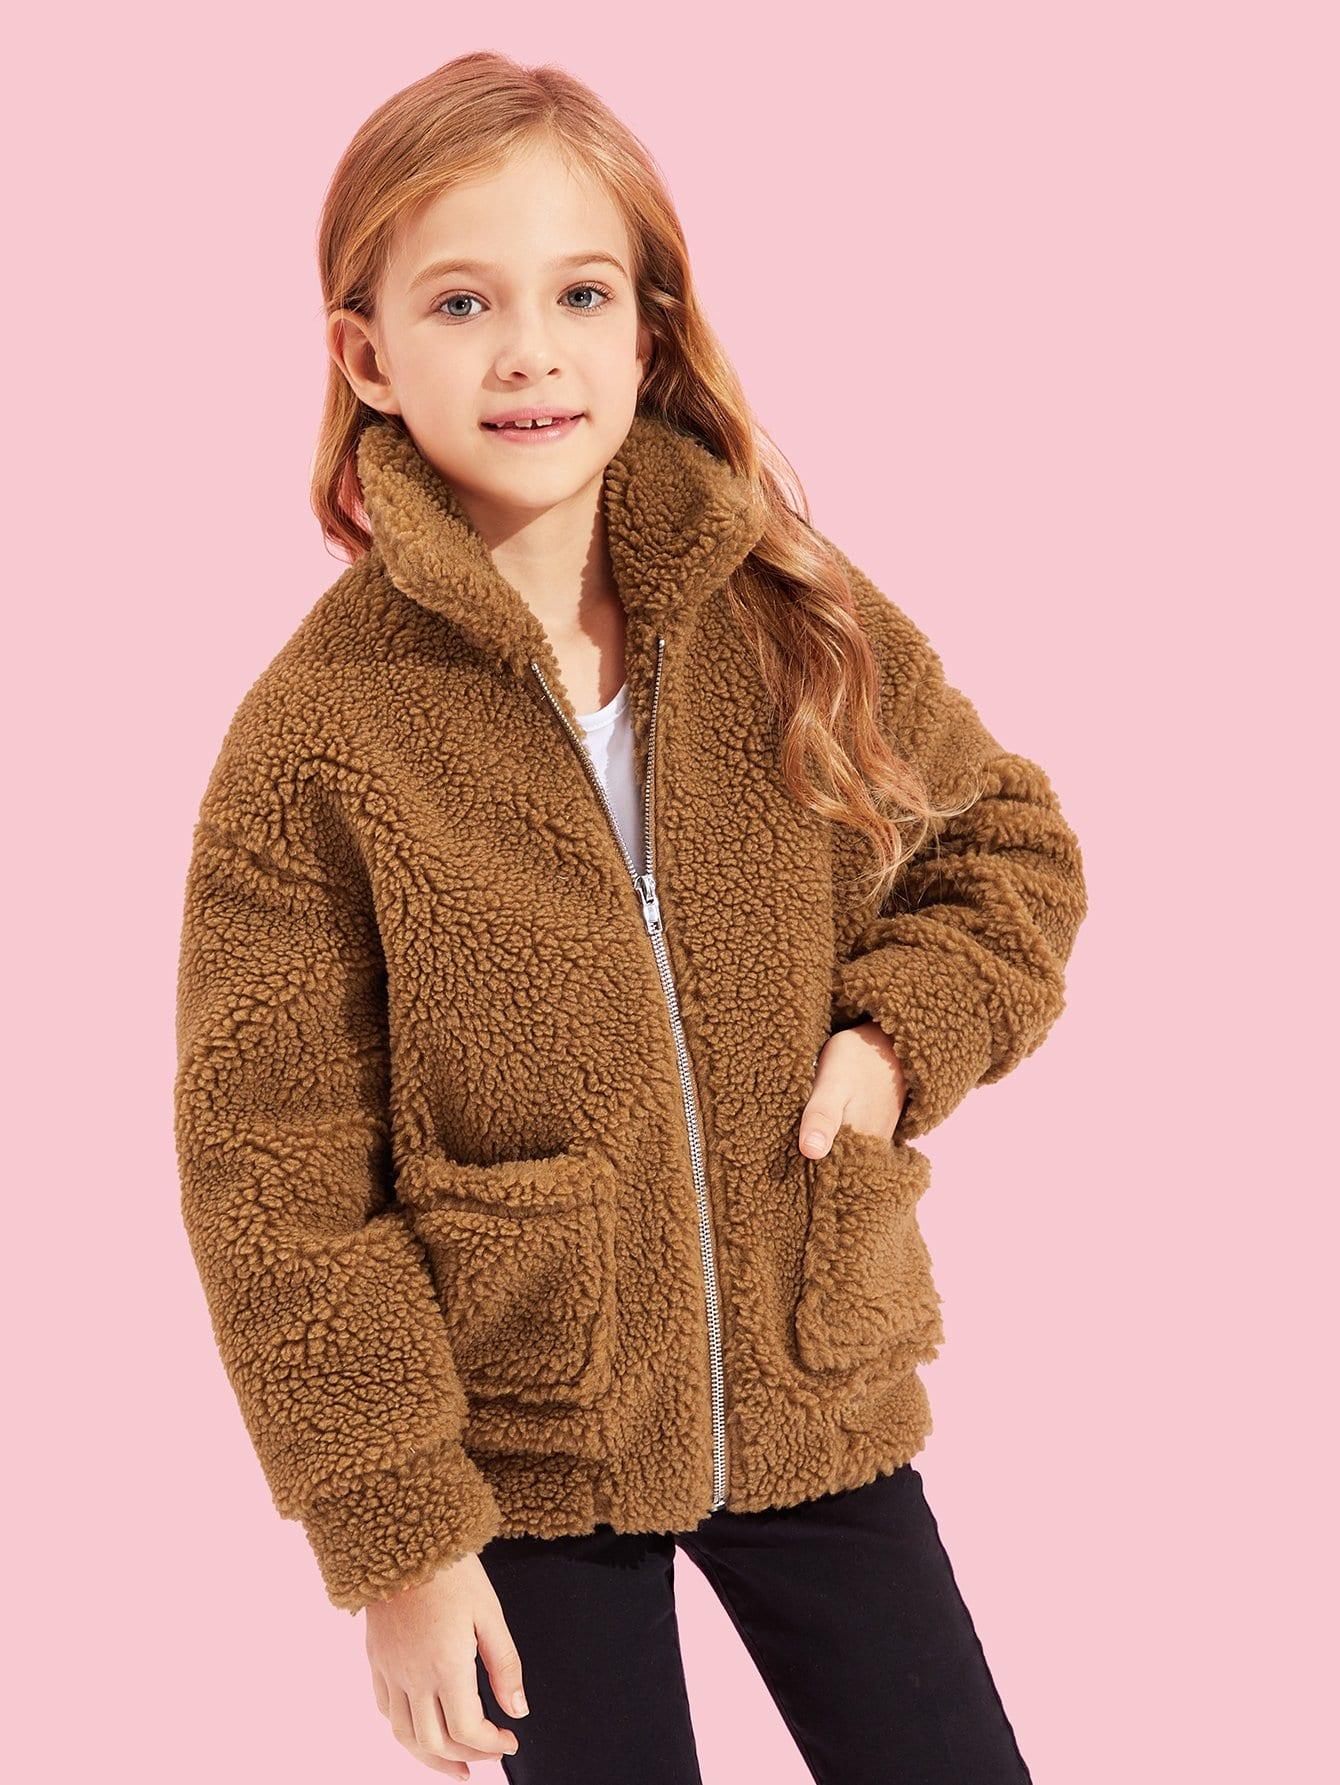 Купить Для девочек тедди куртка на молнии с карманом, Kassia, SheIn